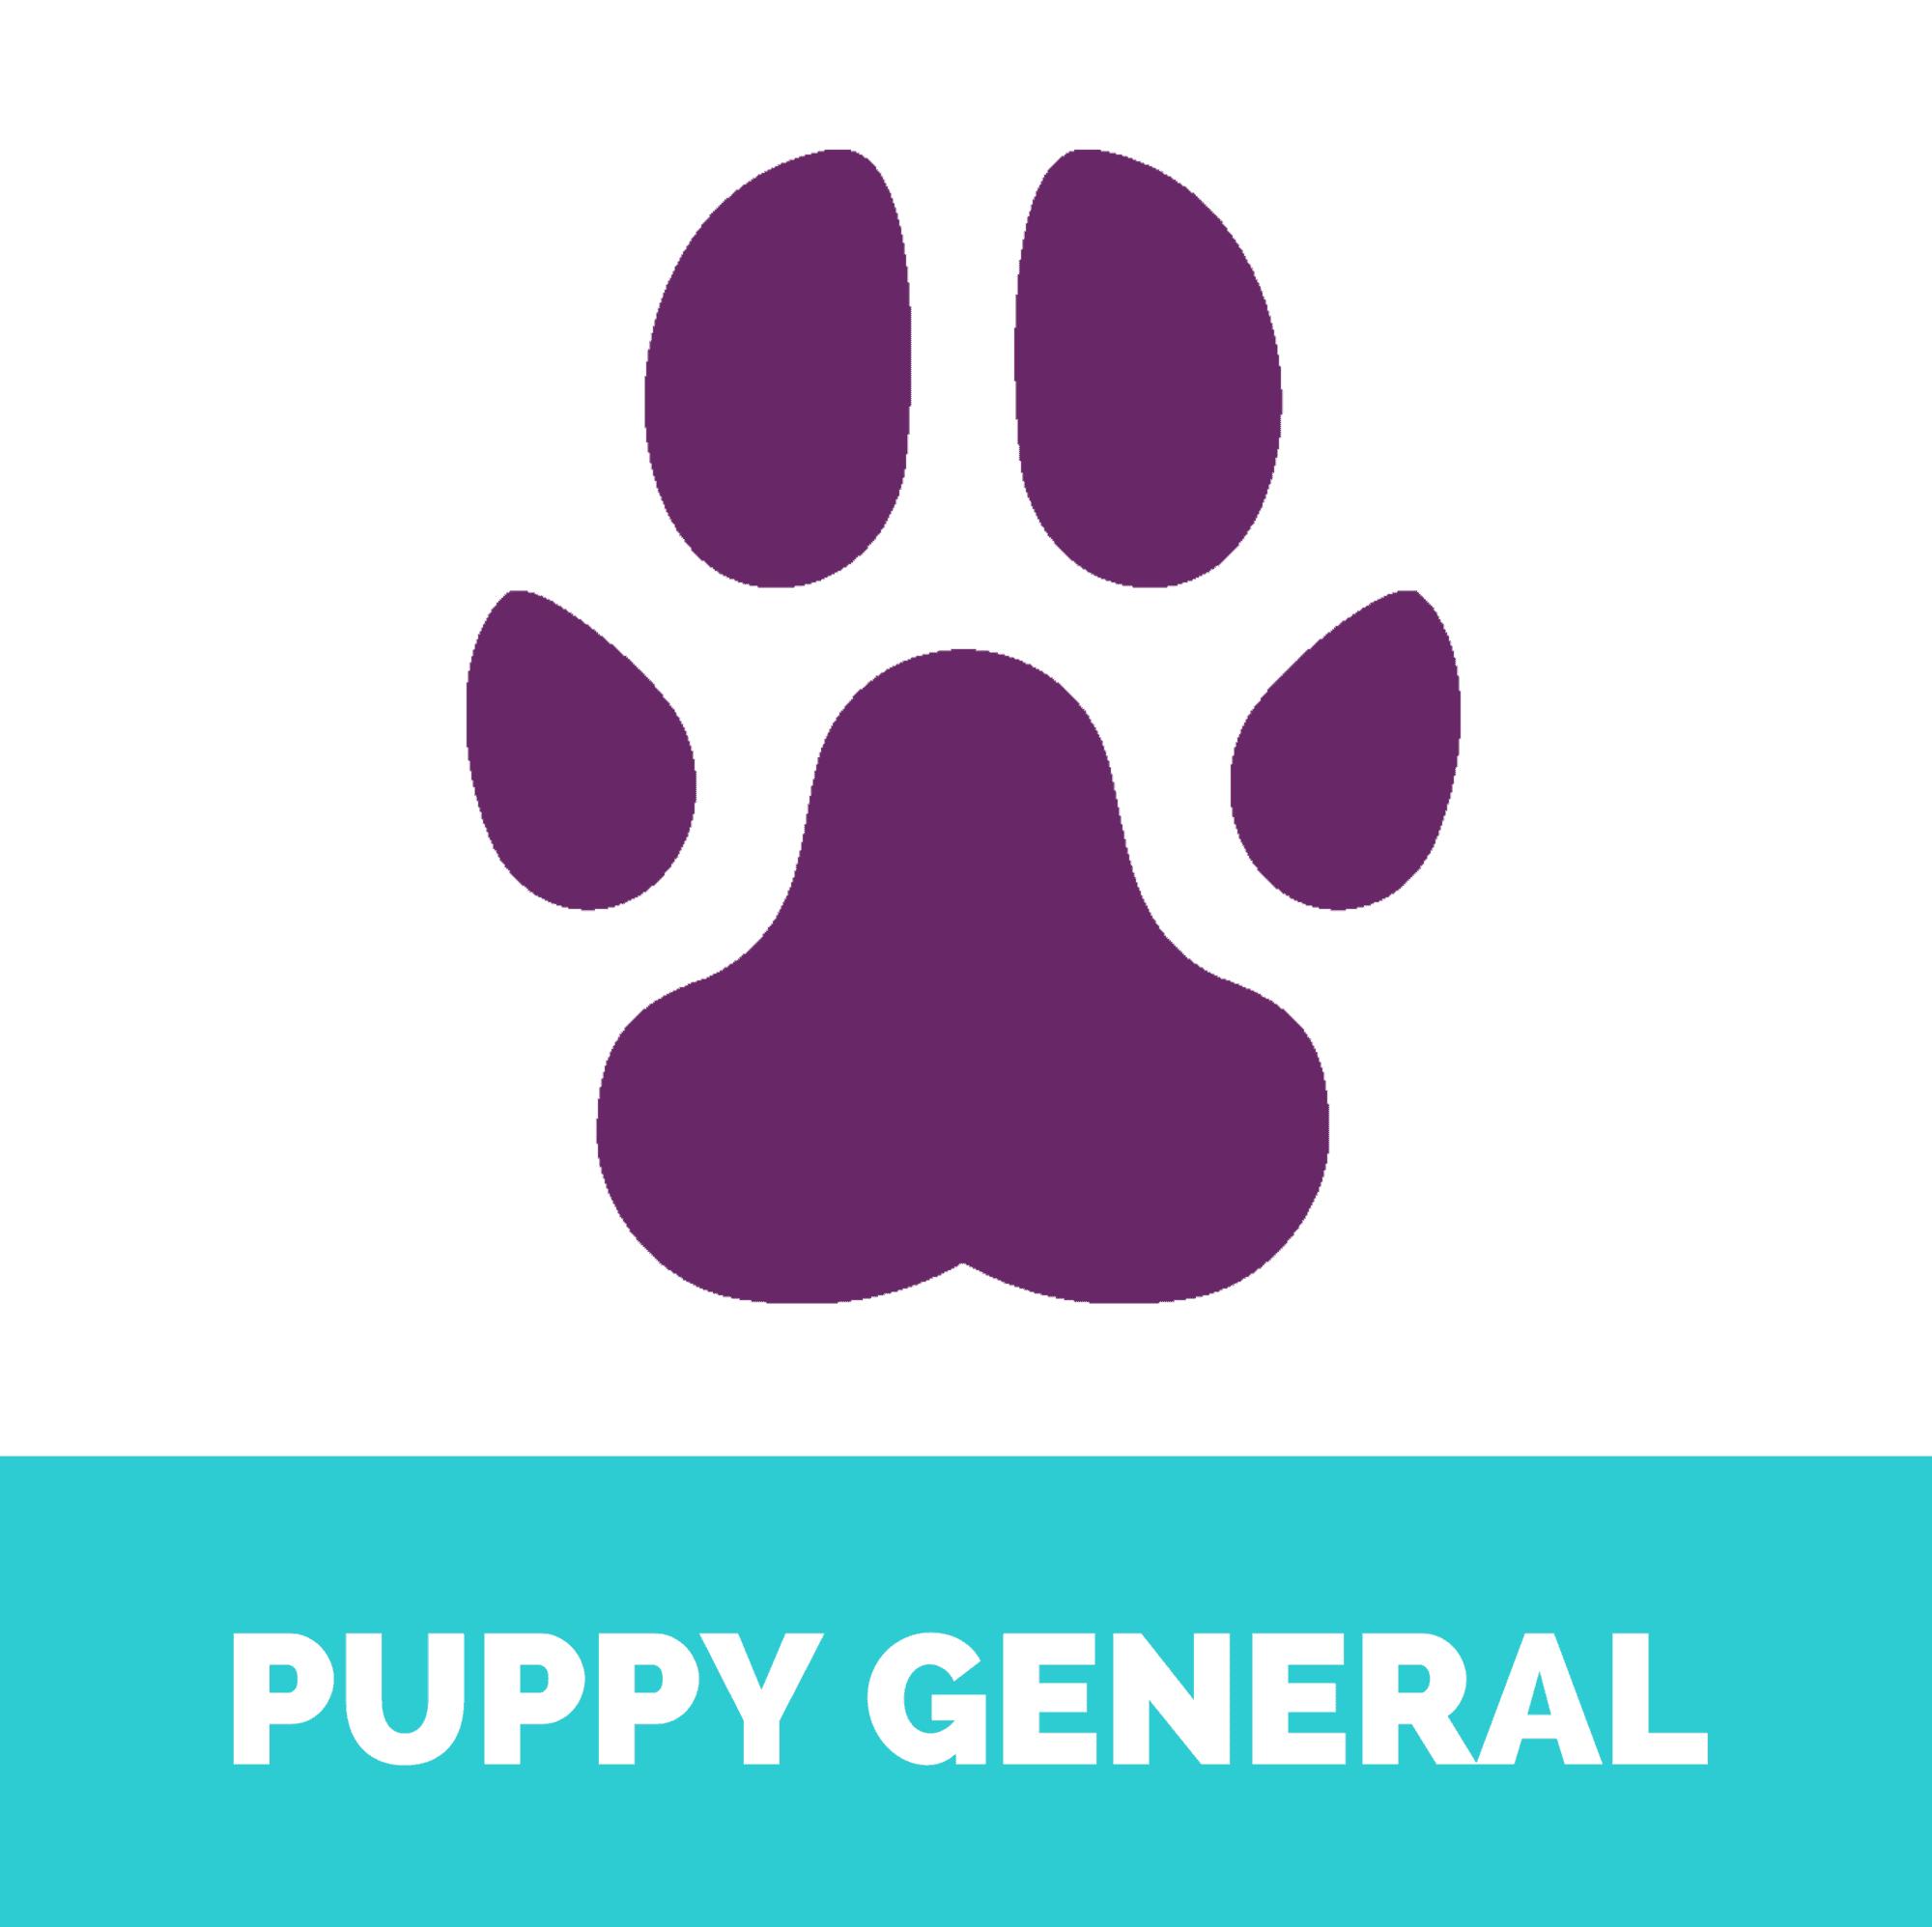 Puppy general